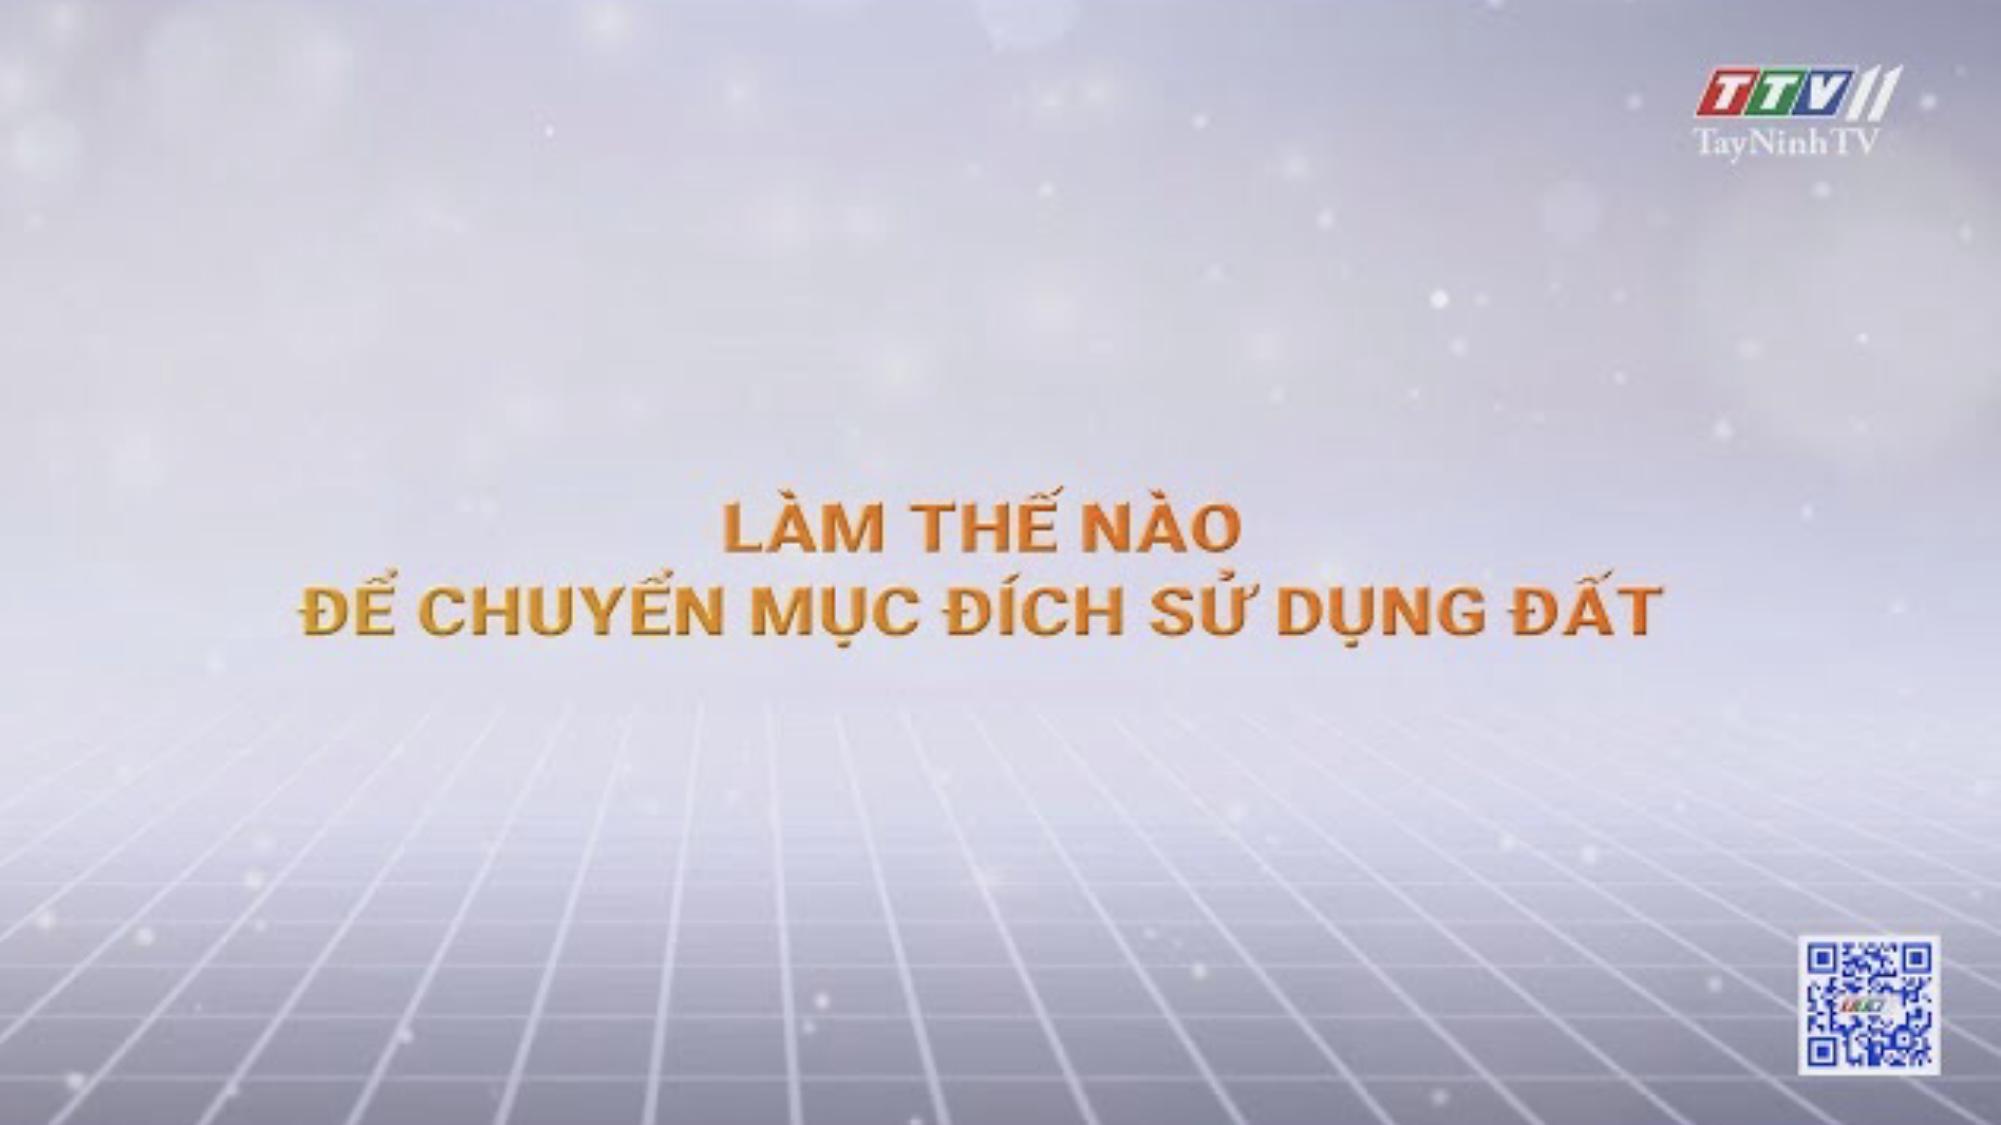 LÀM THẾ NÀO ĐỂ CHUYỂN MỤC ĐÍCH SỬ DỤNG ĐẤT | Chính sách đất đai | TayNinhTV